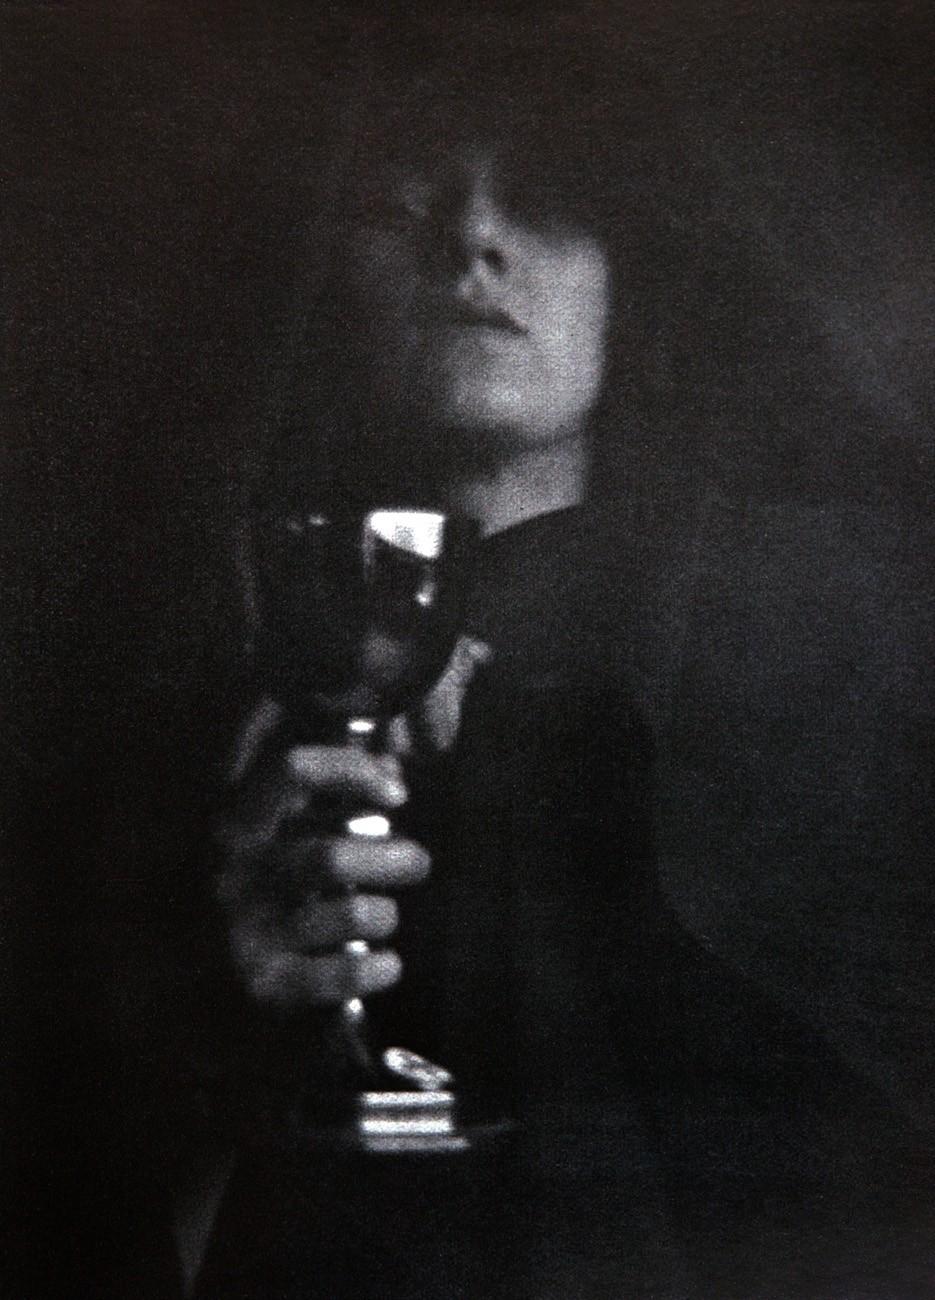 Image of C. Yarnall Abbott from Wikidata